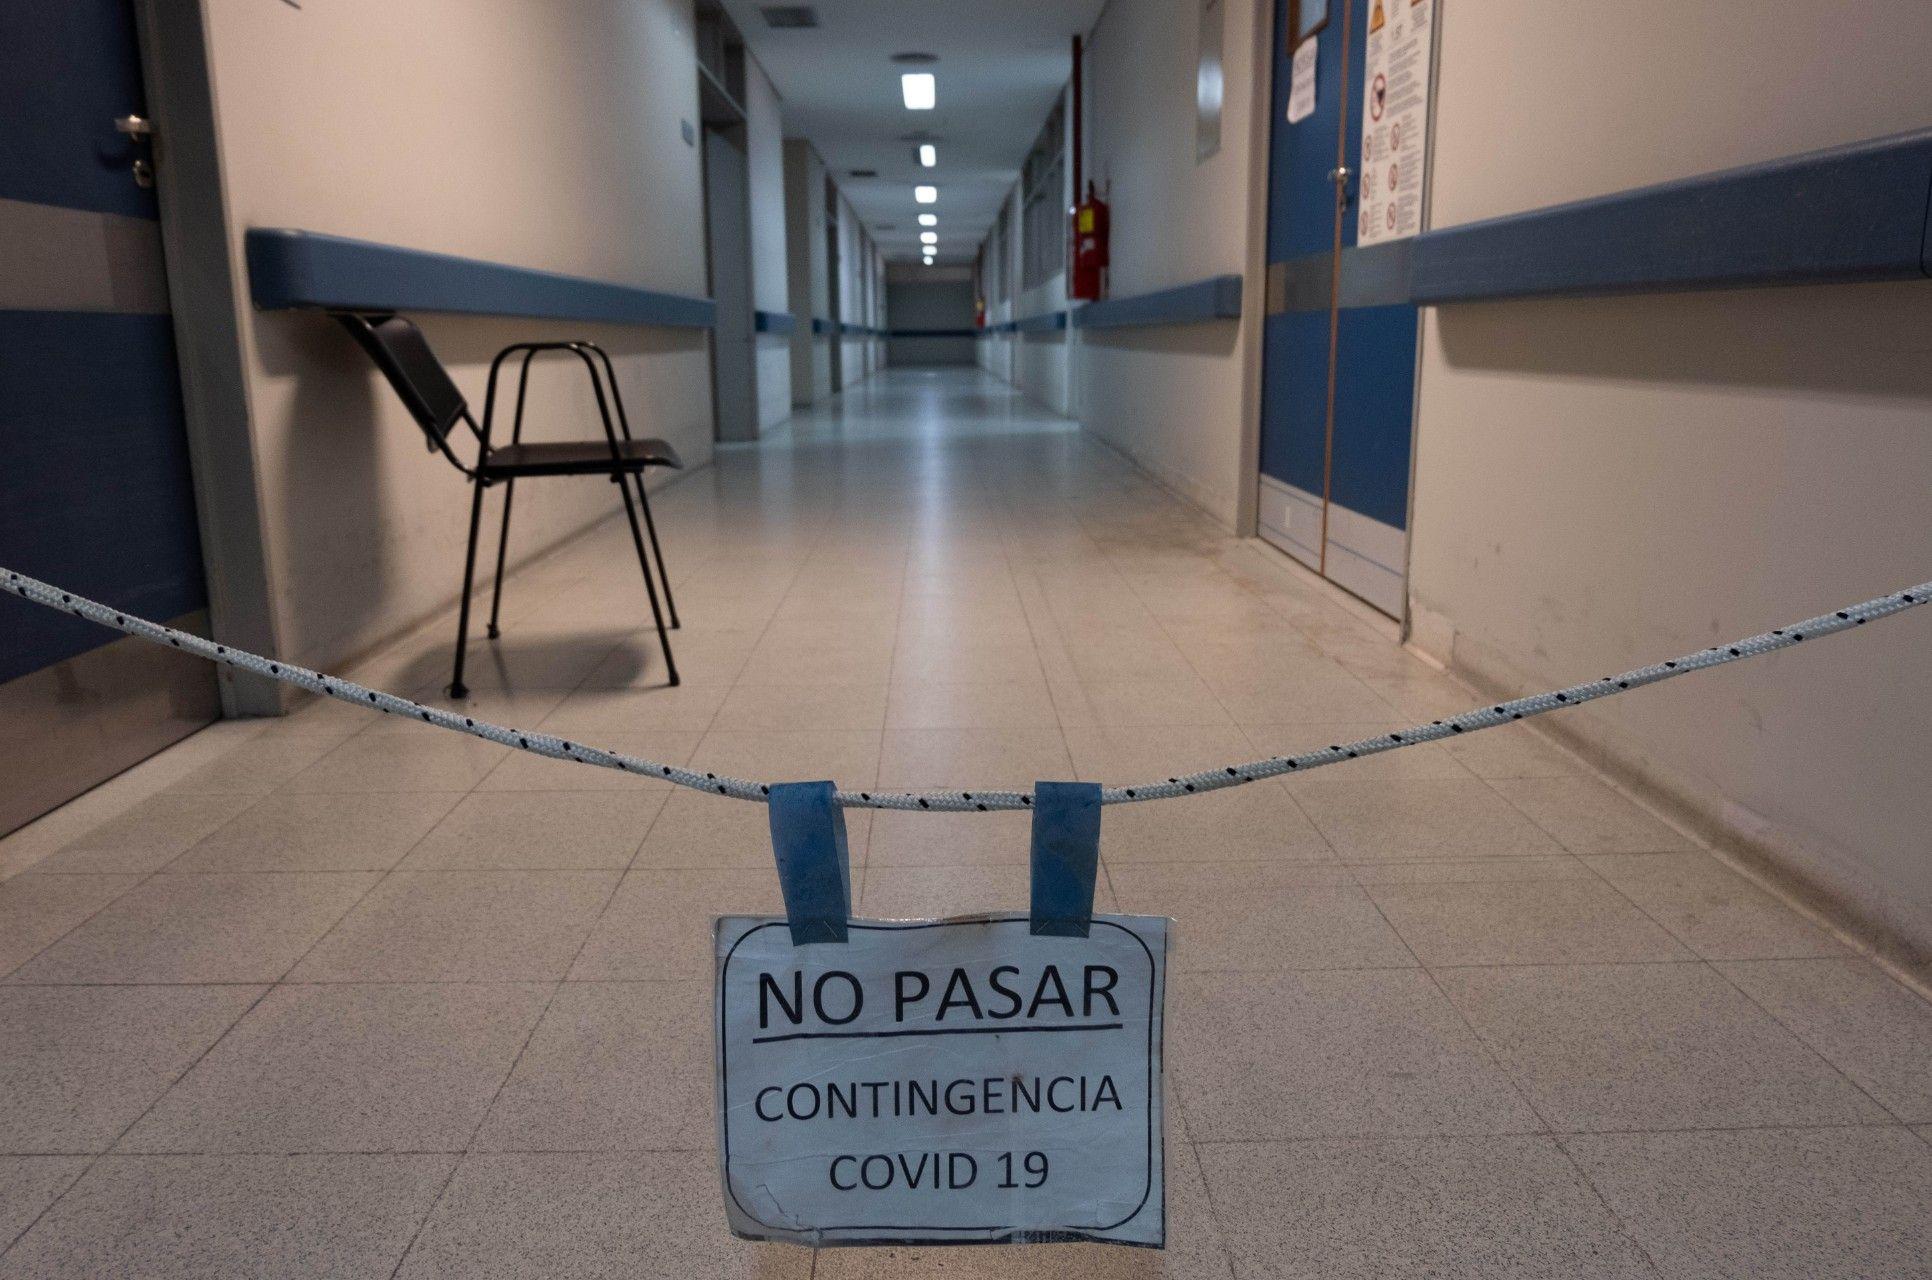 Los pasillos de los hospitales, un territorio cada vez más hostil para quienes los transitan a diario / Foto: Télam